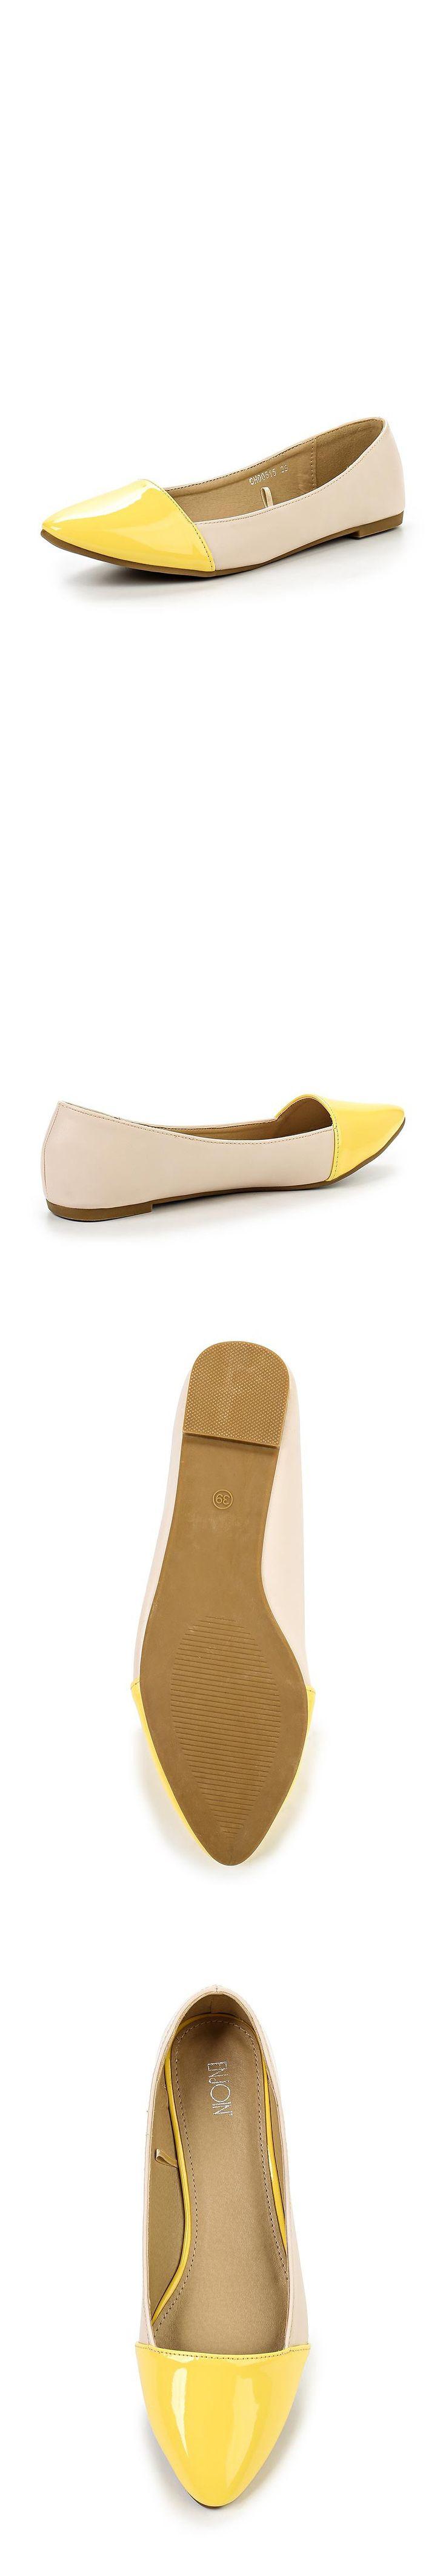 Женская обувь балетки Enjoin' за 1620.00 руб.